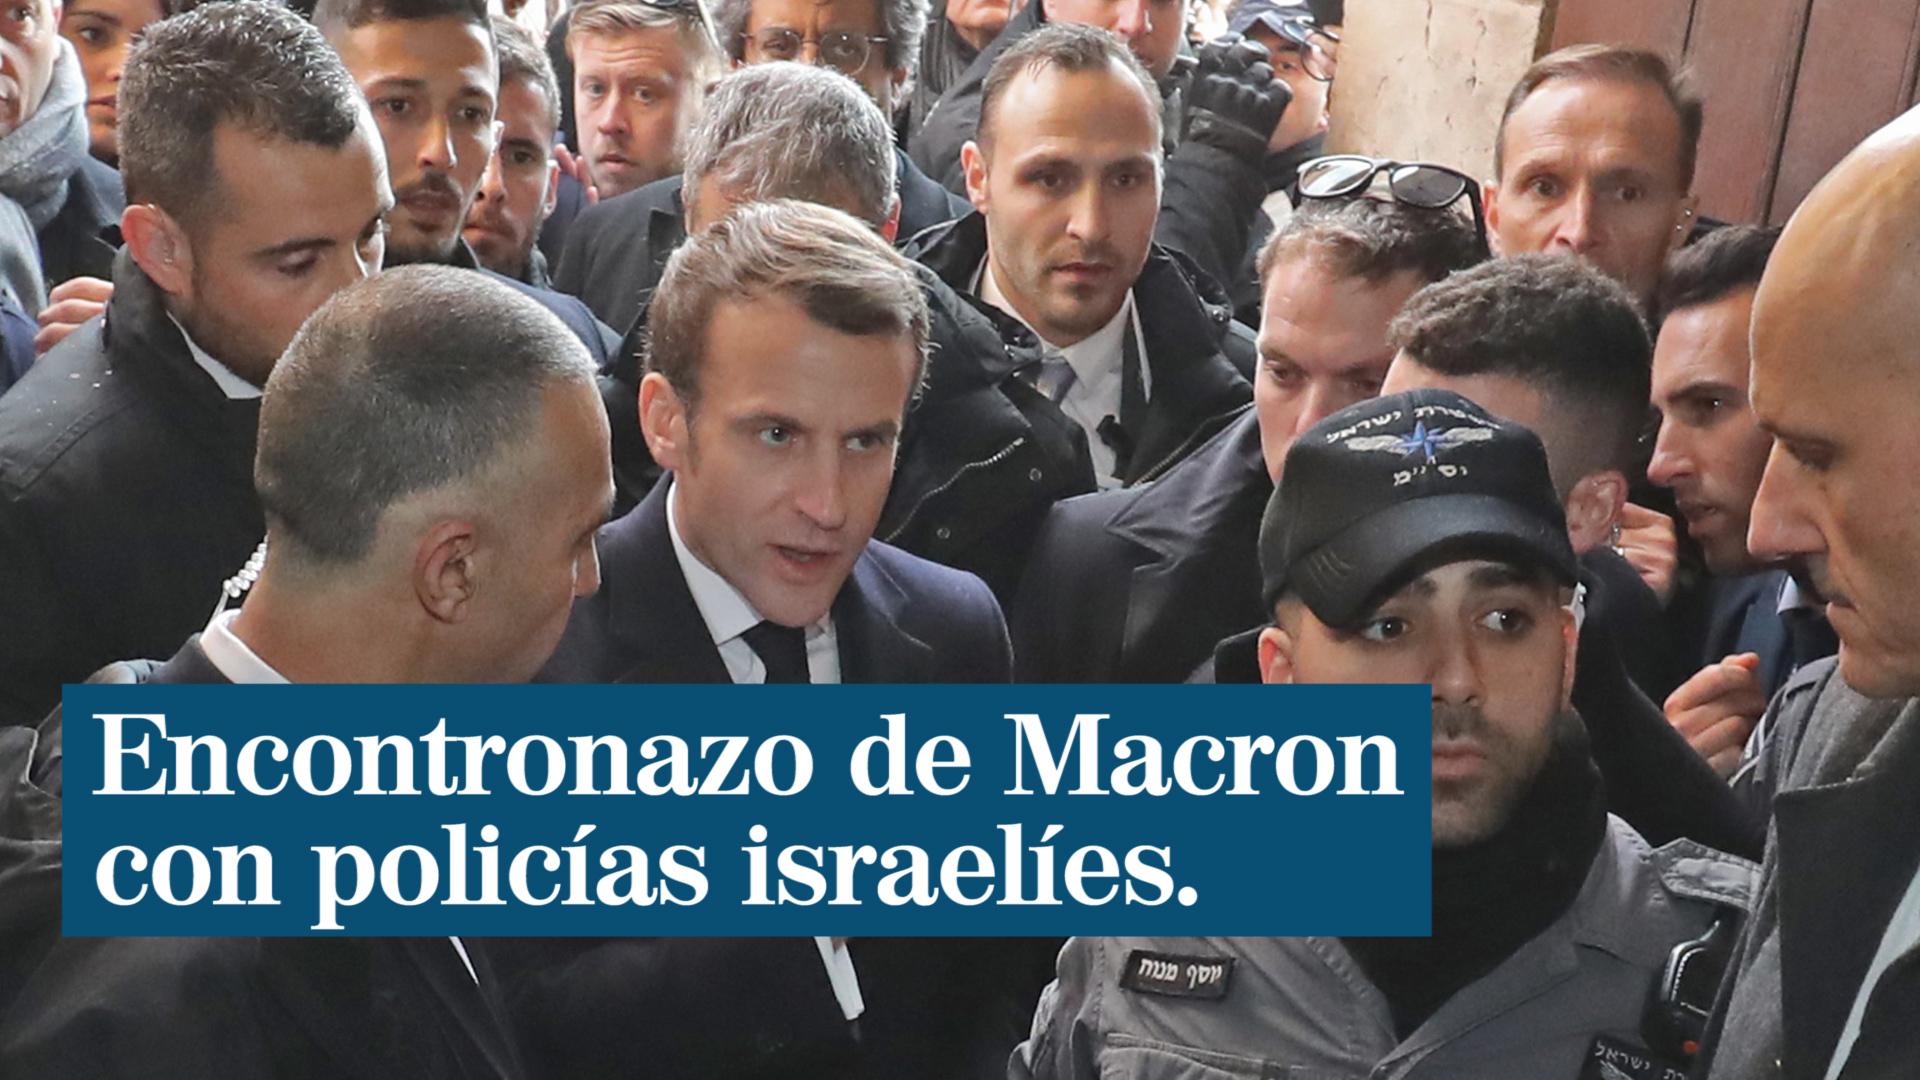 Emmanuel Macron abronca a agentes de seguridad israelíes en su visita a una iglesia francesa en Jerusalén